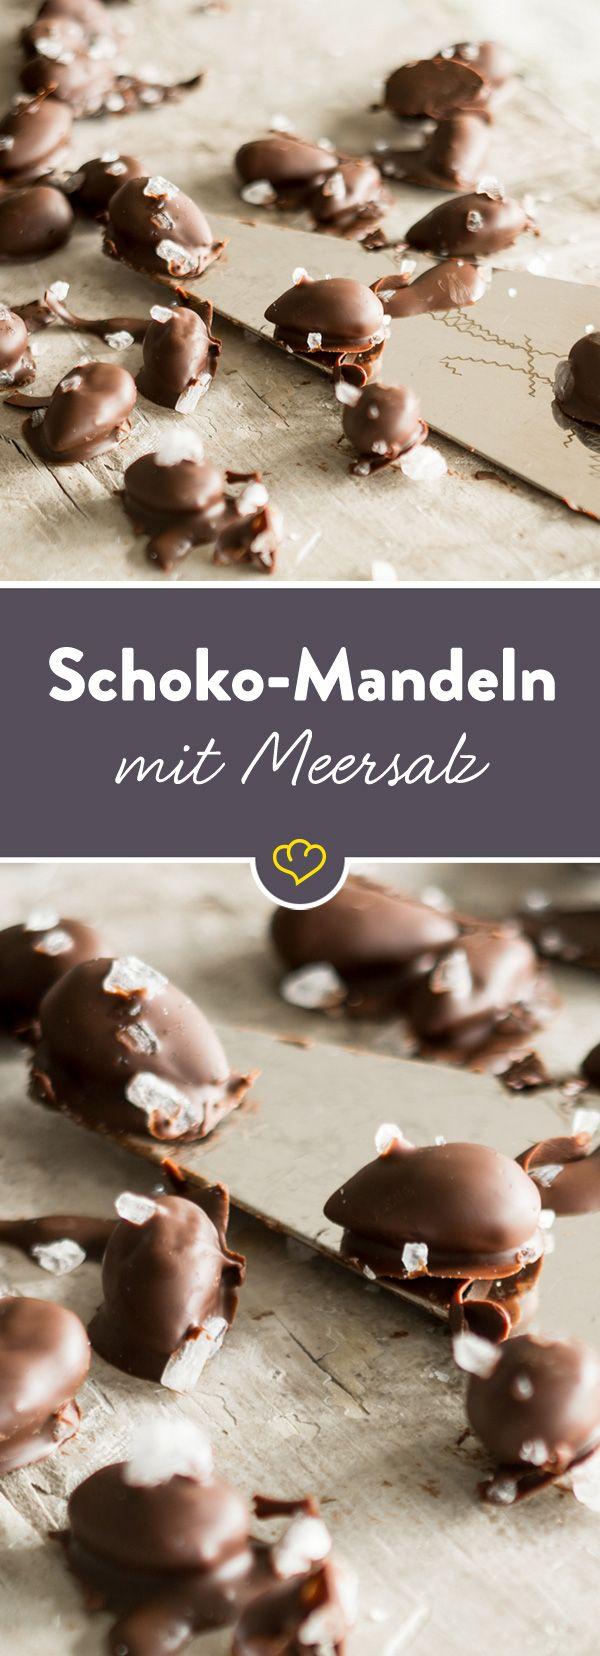 Gebrannte Mandeln 2.0. Die Kombination aus Zartbitterschokolade und Meersalz - ein süß-salziges Spiel für deinen Gaumen.